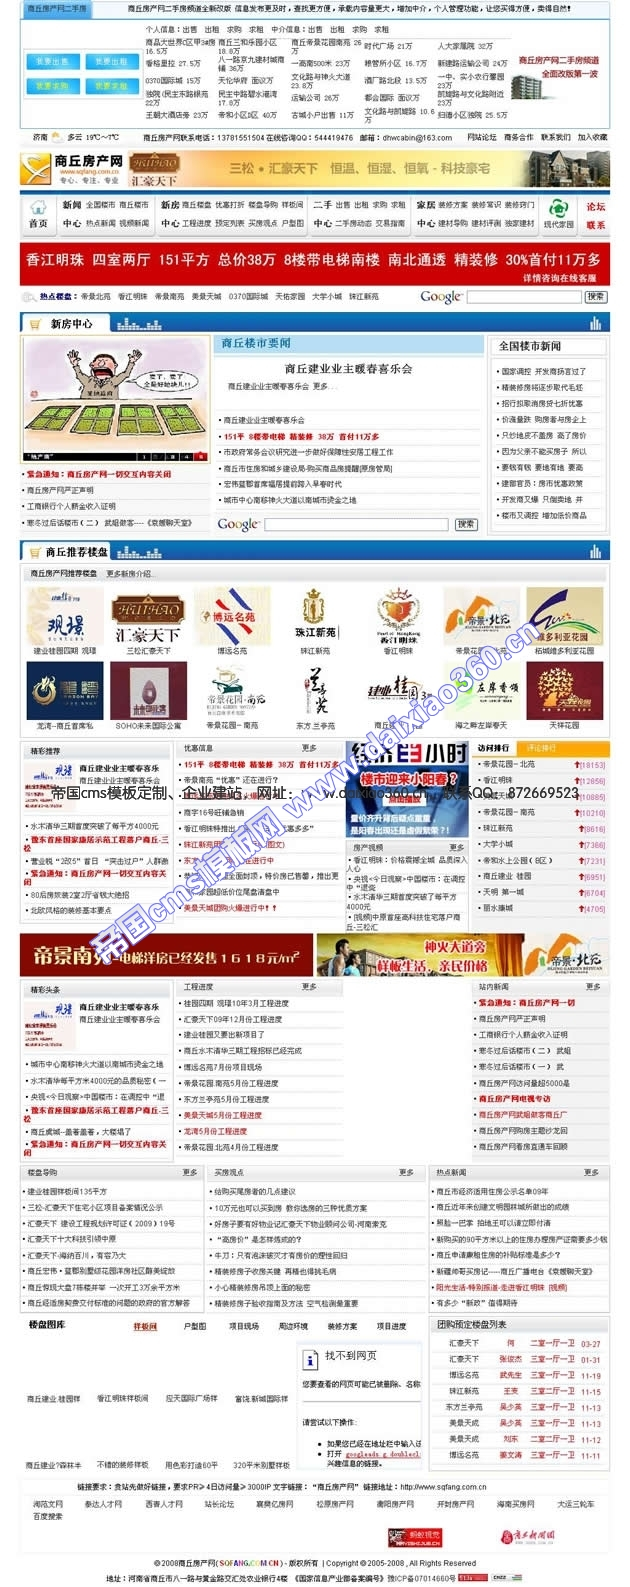 商丘房产网模板提供下载